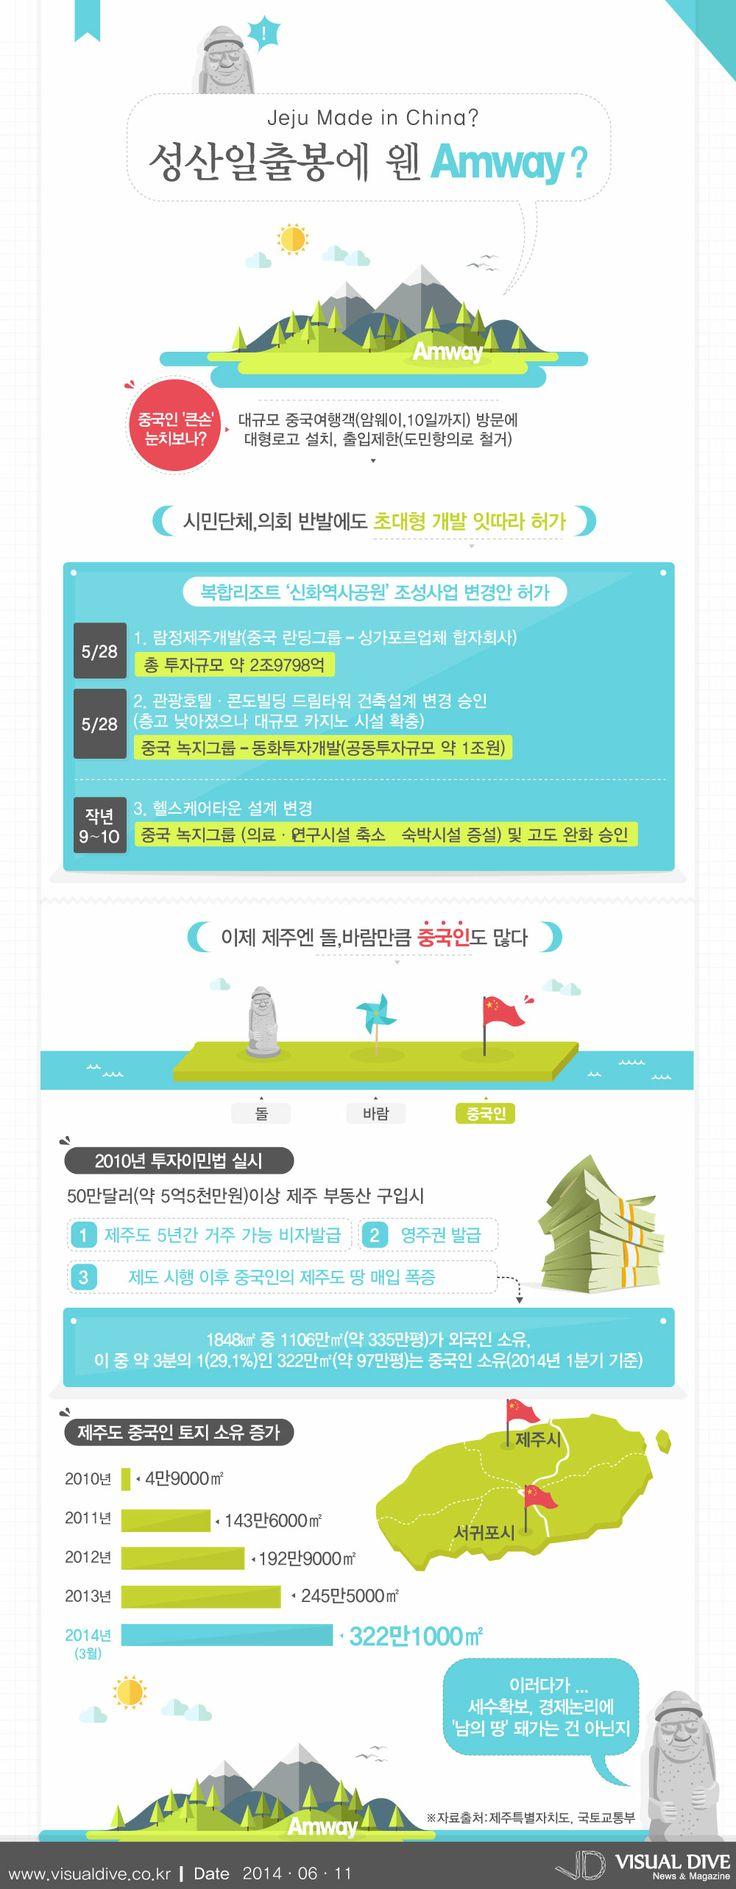 제주 메이드 인 차이나? 중국인 투자 급증에 중국땅 되어가는 제주도 [인포그래픽] #jeju / #Infographic ⓒ 비주얼다이브 무단 복사·전재·재배포 금지